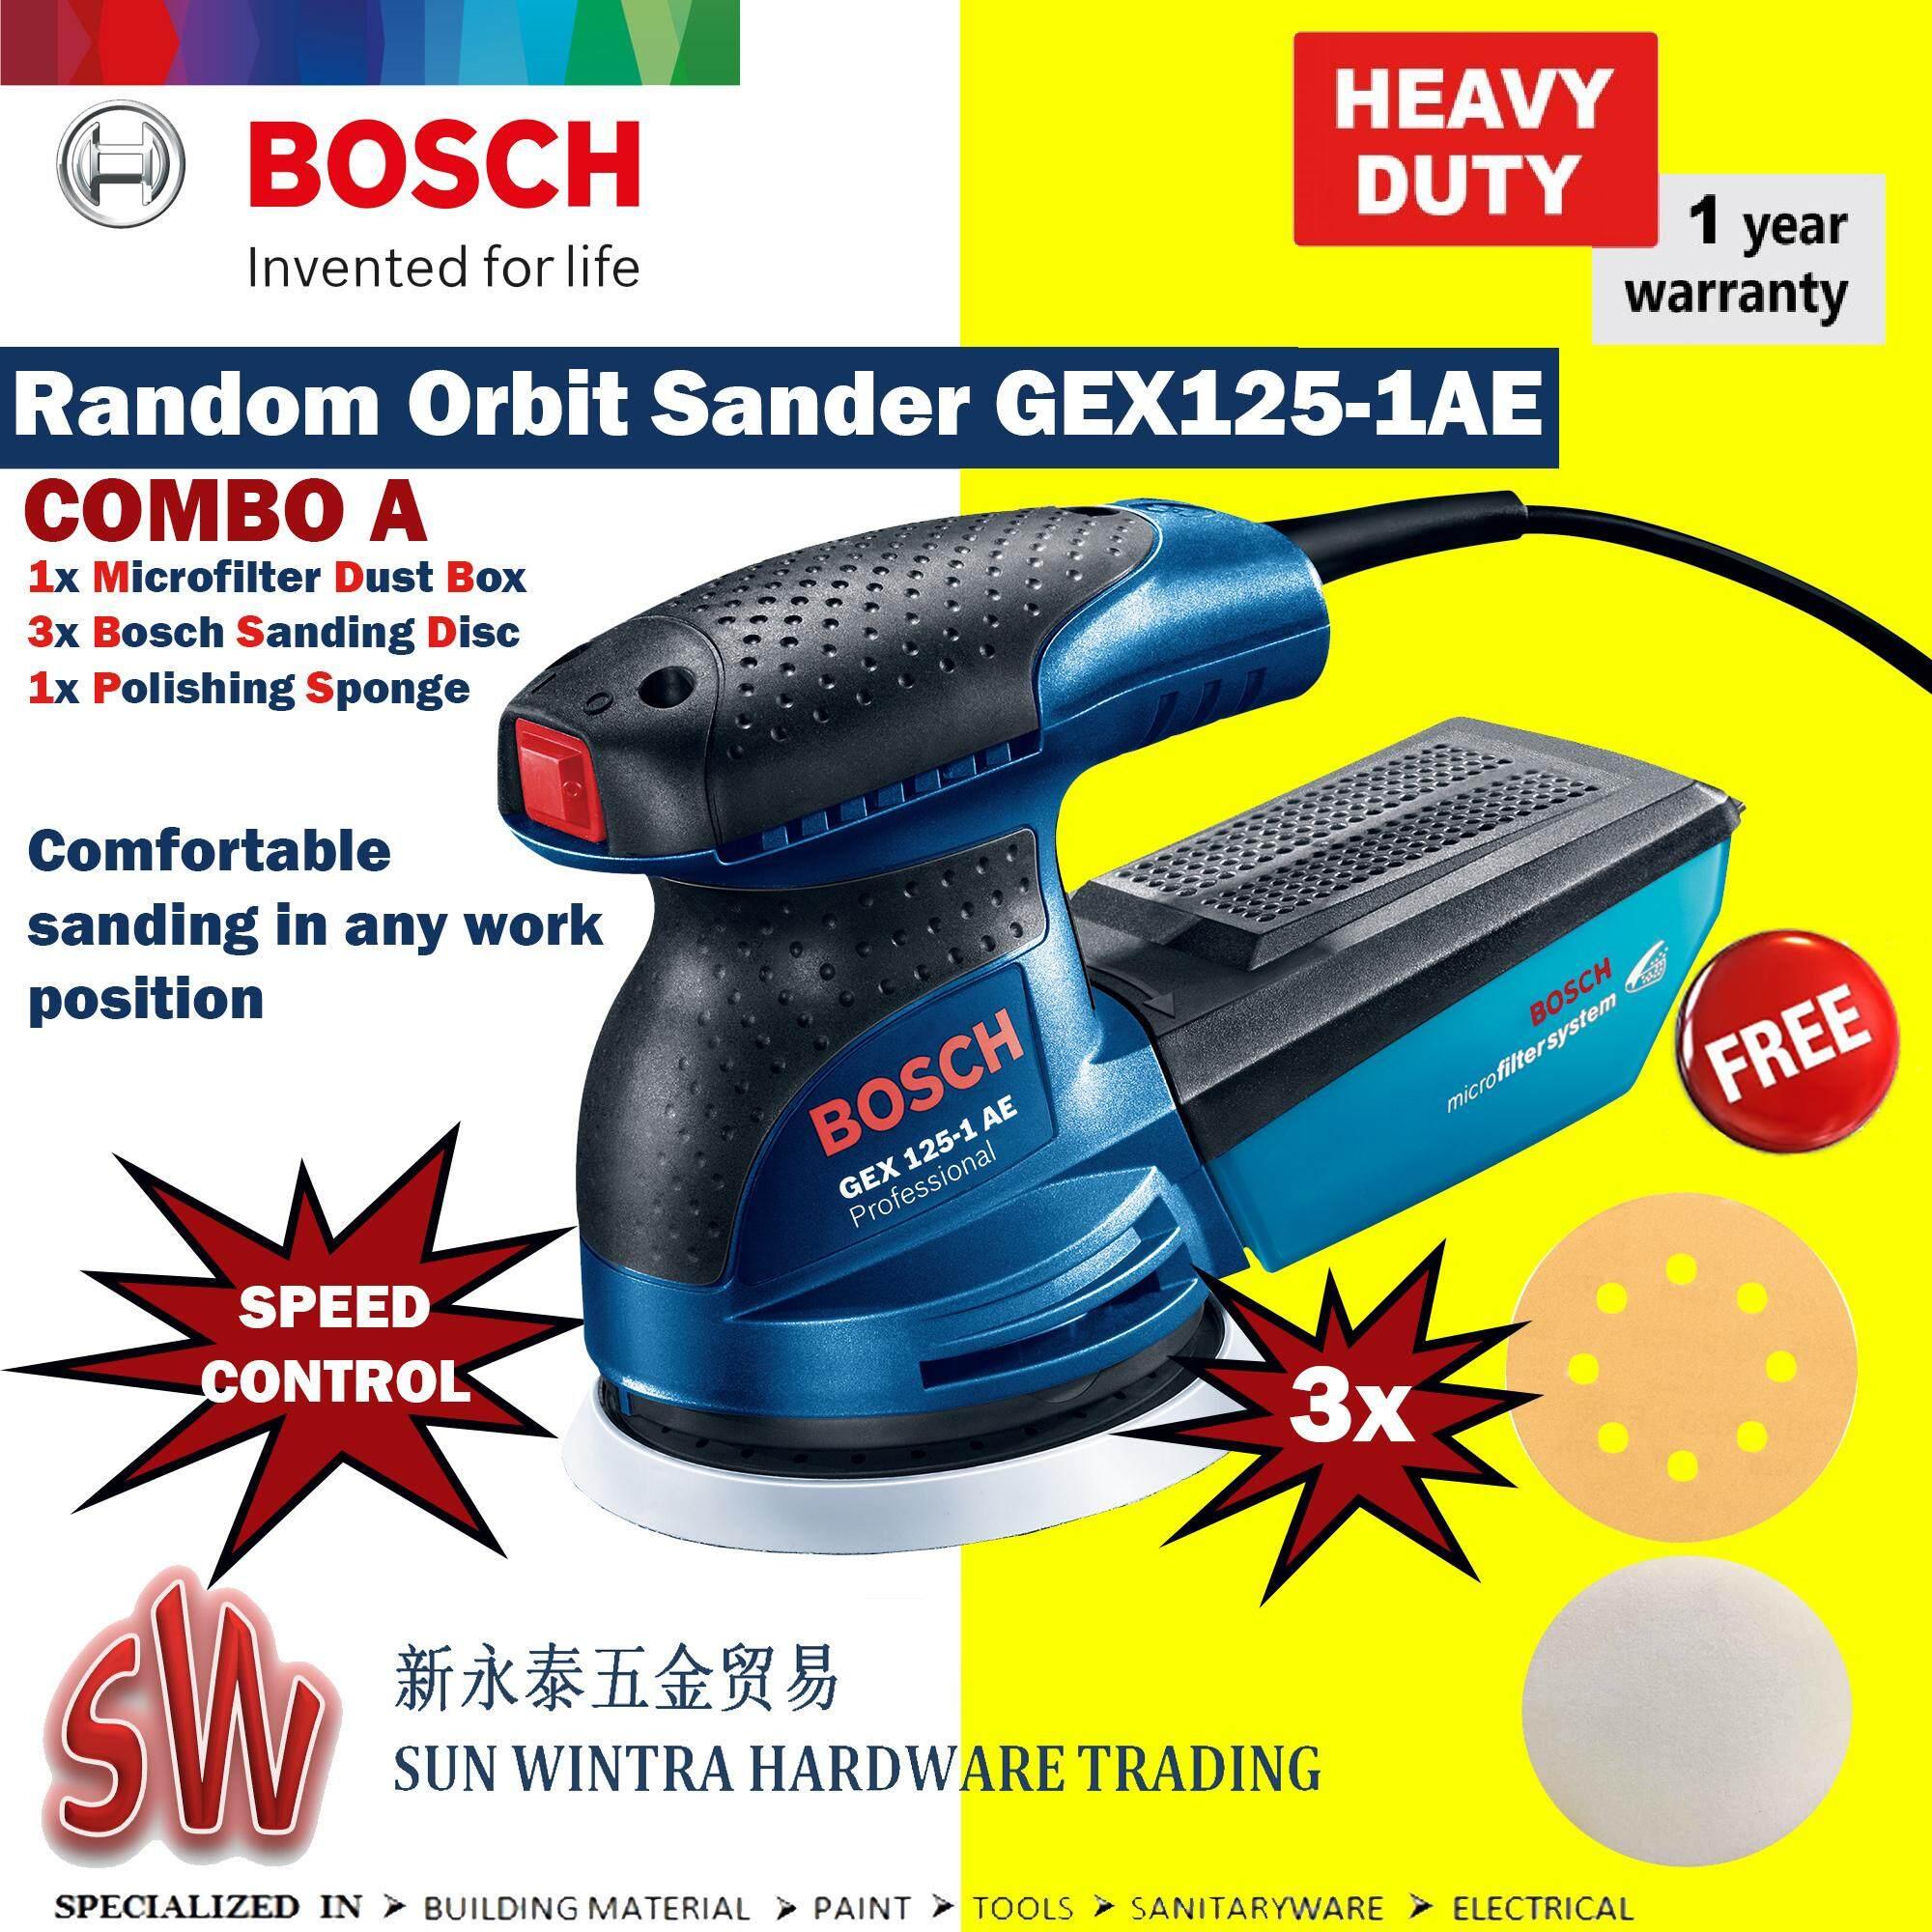 BOSCH GEX125-1AE (SPEED CONTROL) Random Orbit Sander Bosch F.O.C SANDING DISC+Polish Sponge